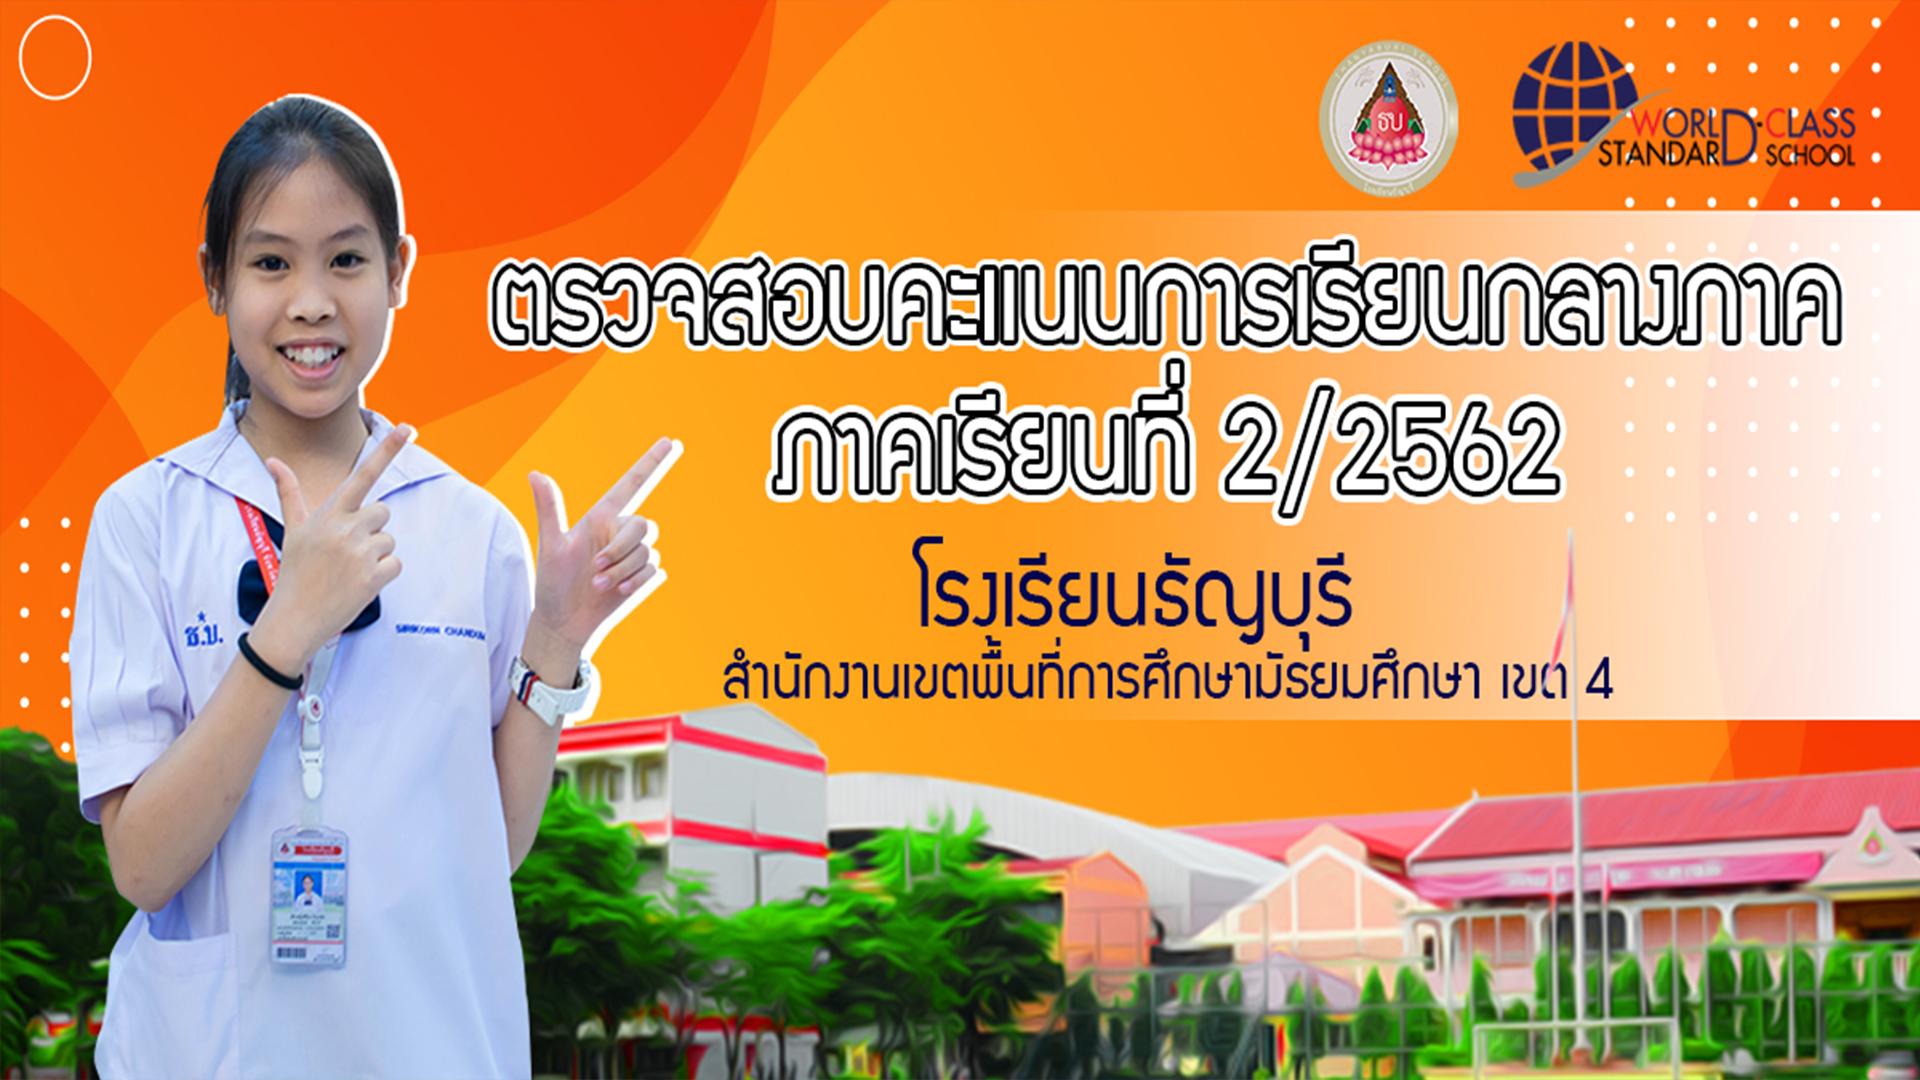 ประกาศผลคะแนนกลางภาคโรงเรียนธัญบุรี